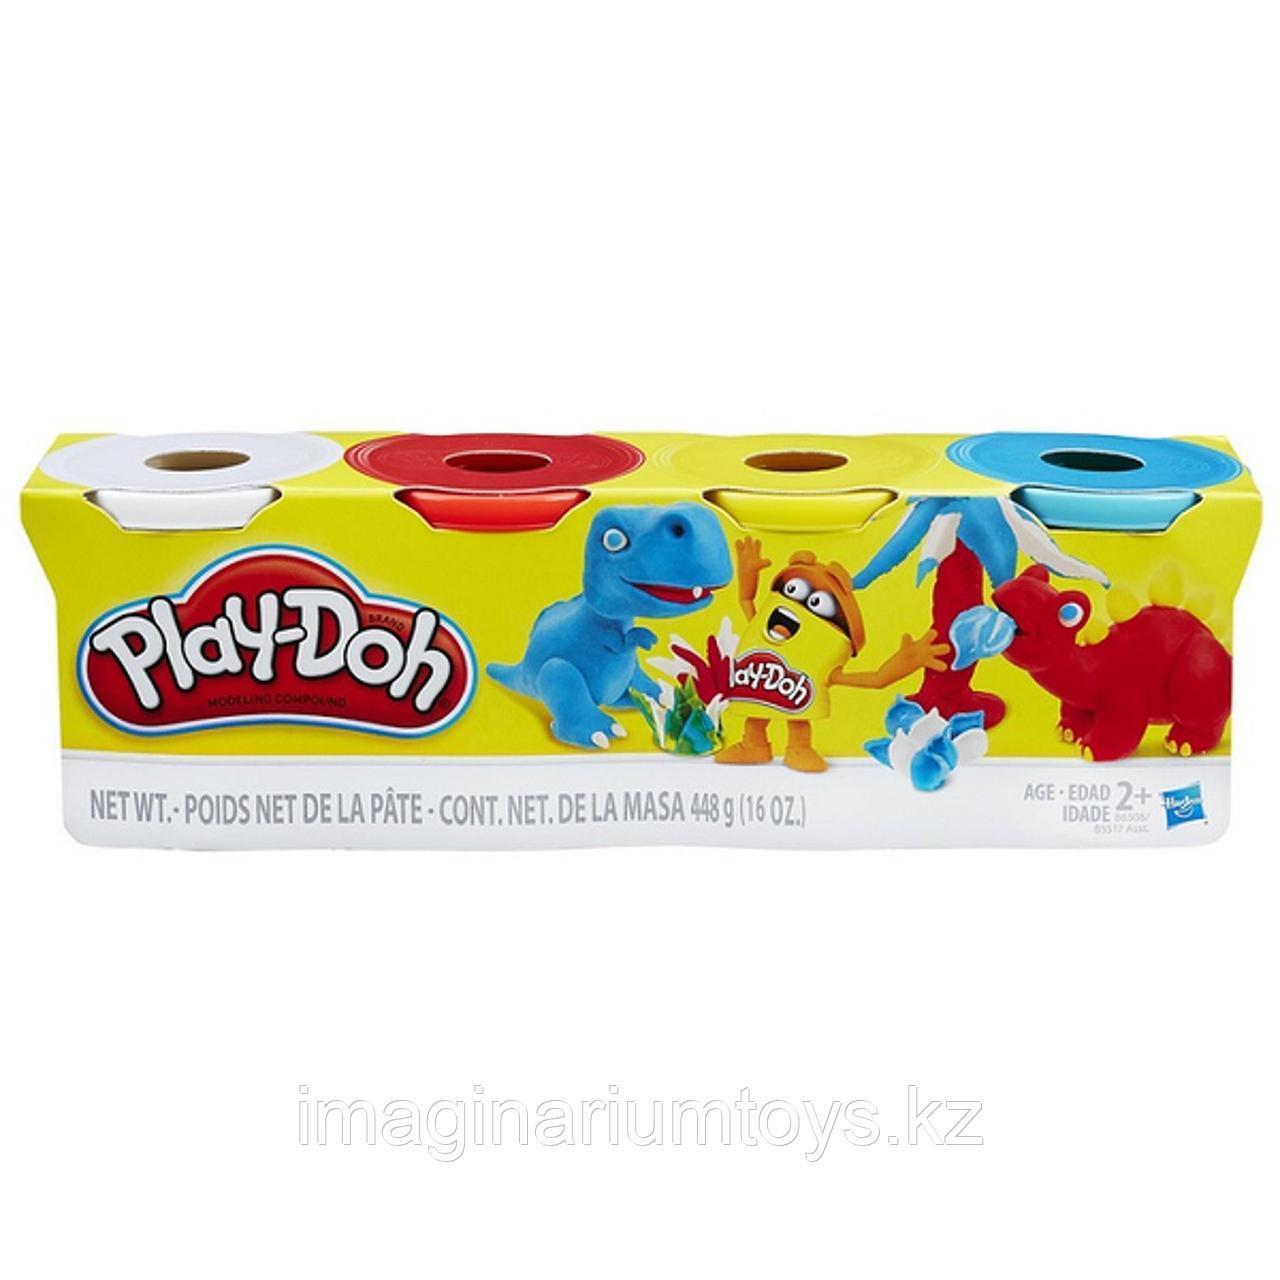 Пластилин детский Play-Doh набор 4 цвета в ассортименте - фото 2